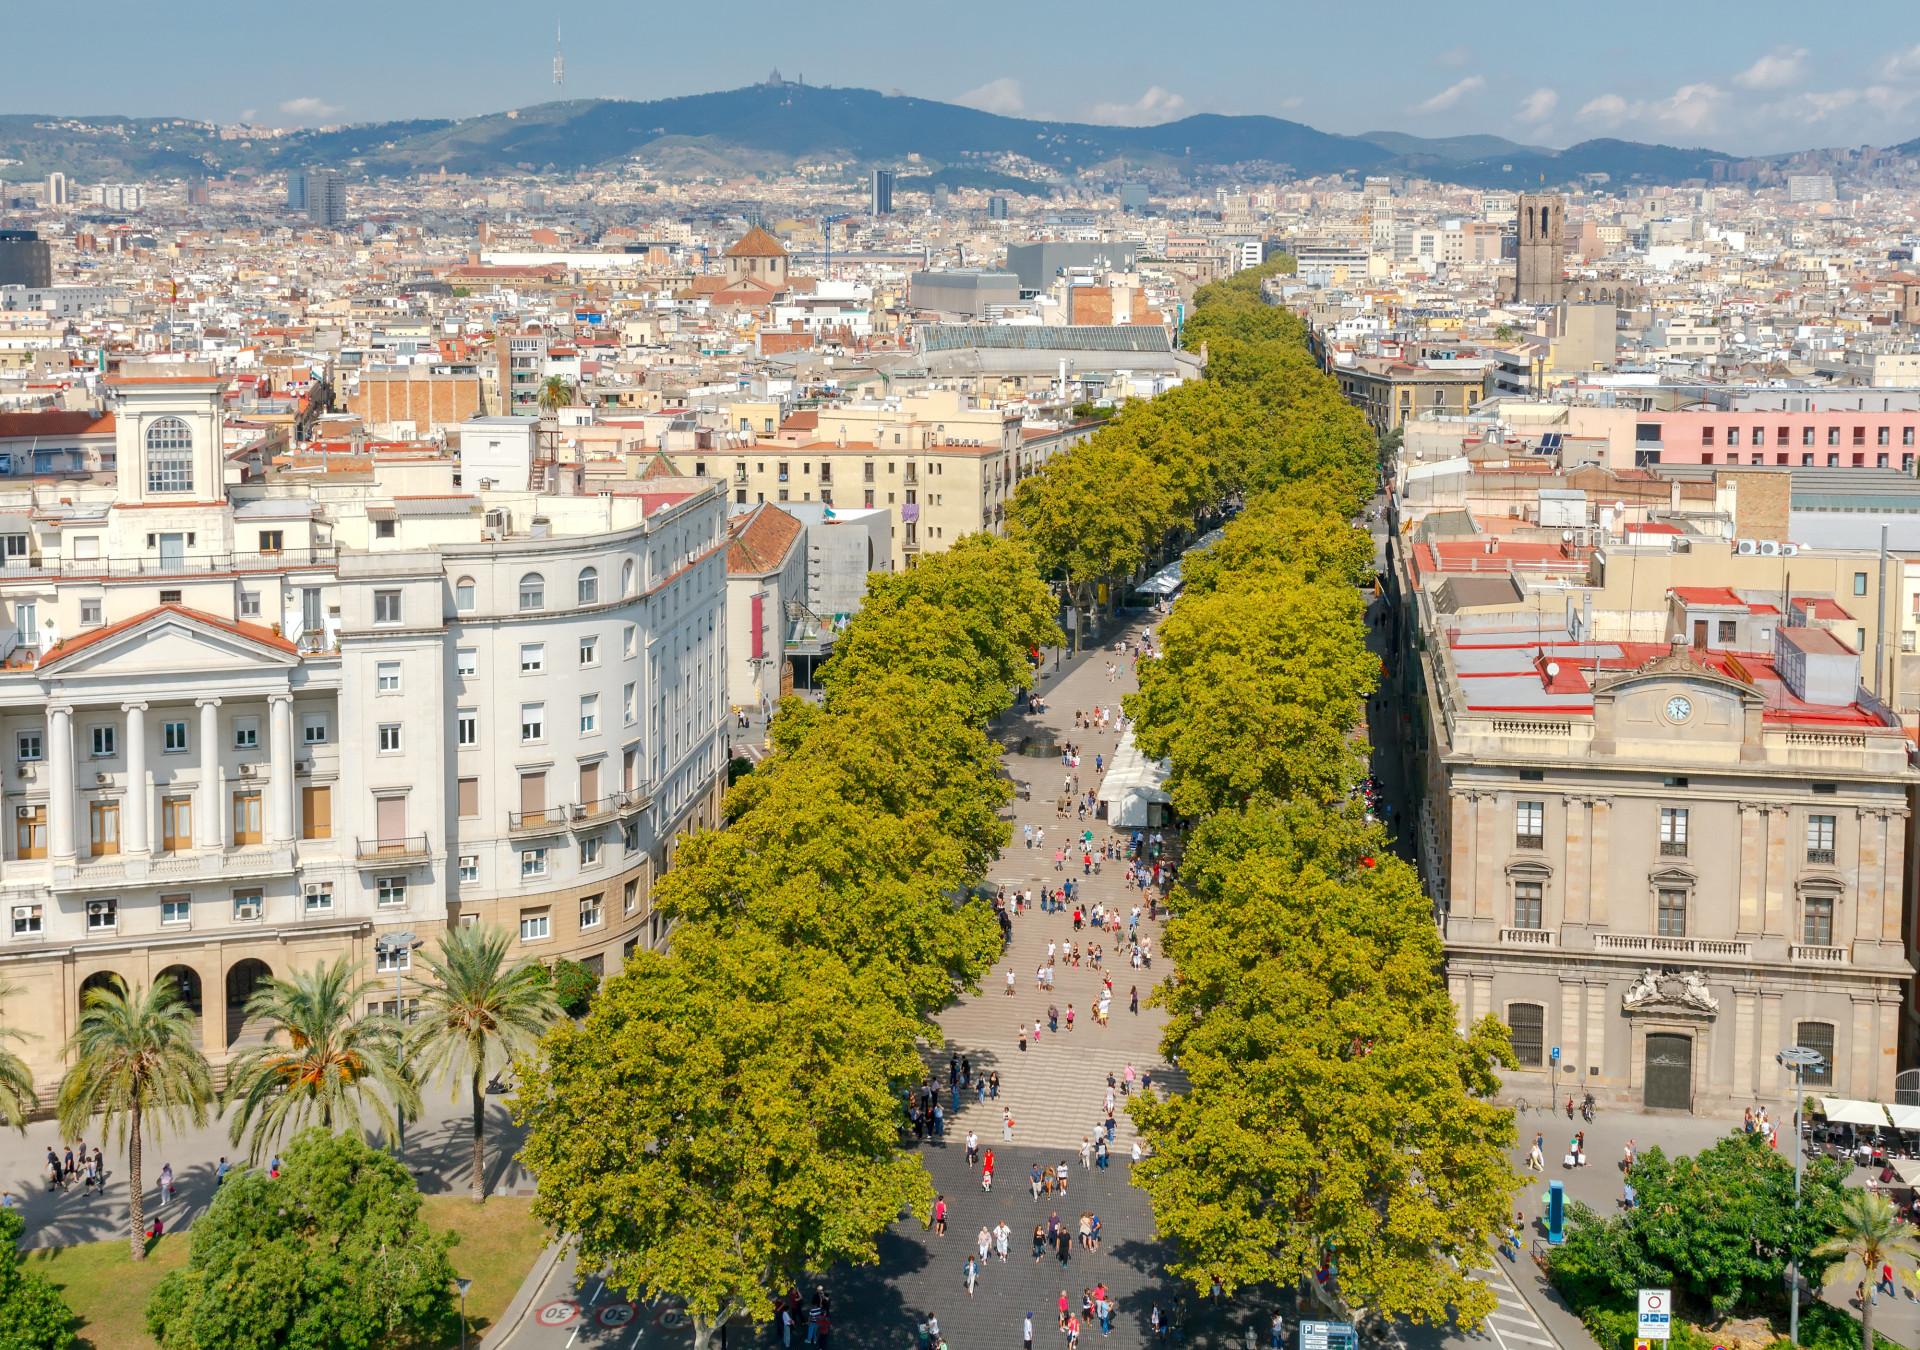 Veja quais cidades do mundo são perfeitas para conhecer a pé